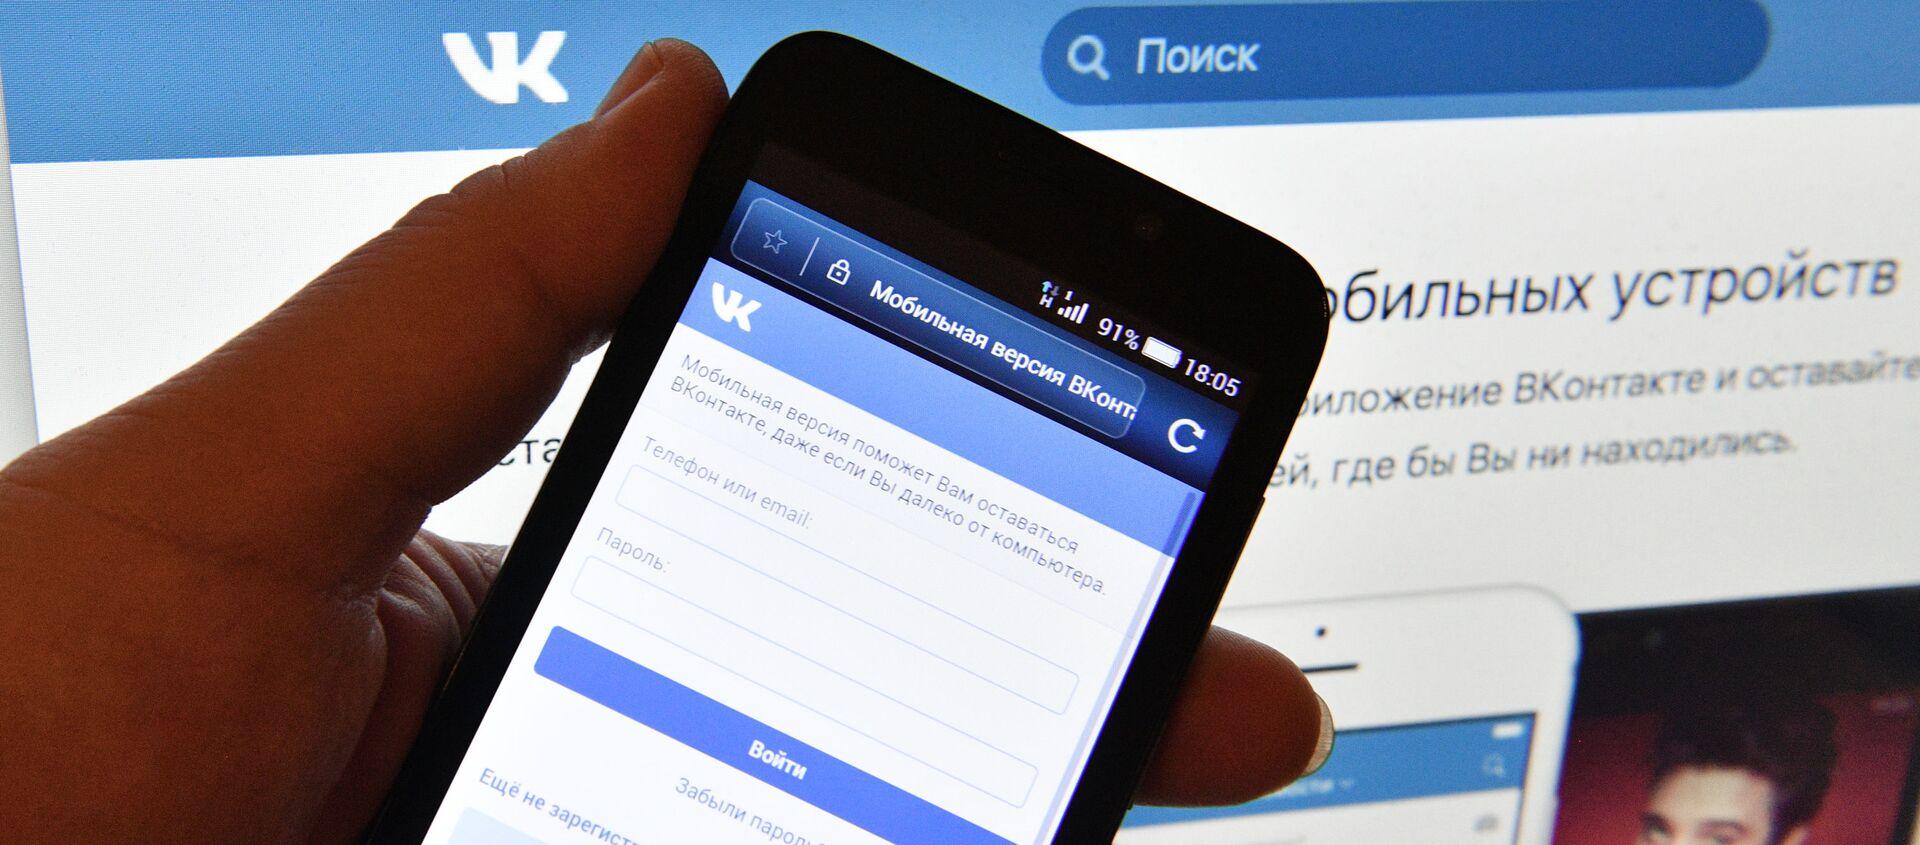 """Strona sieci społecznościowej """"VKontakte na ekranie smartfona - Sputnik Polska, 1920, 25.02.2021"""